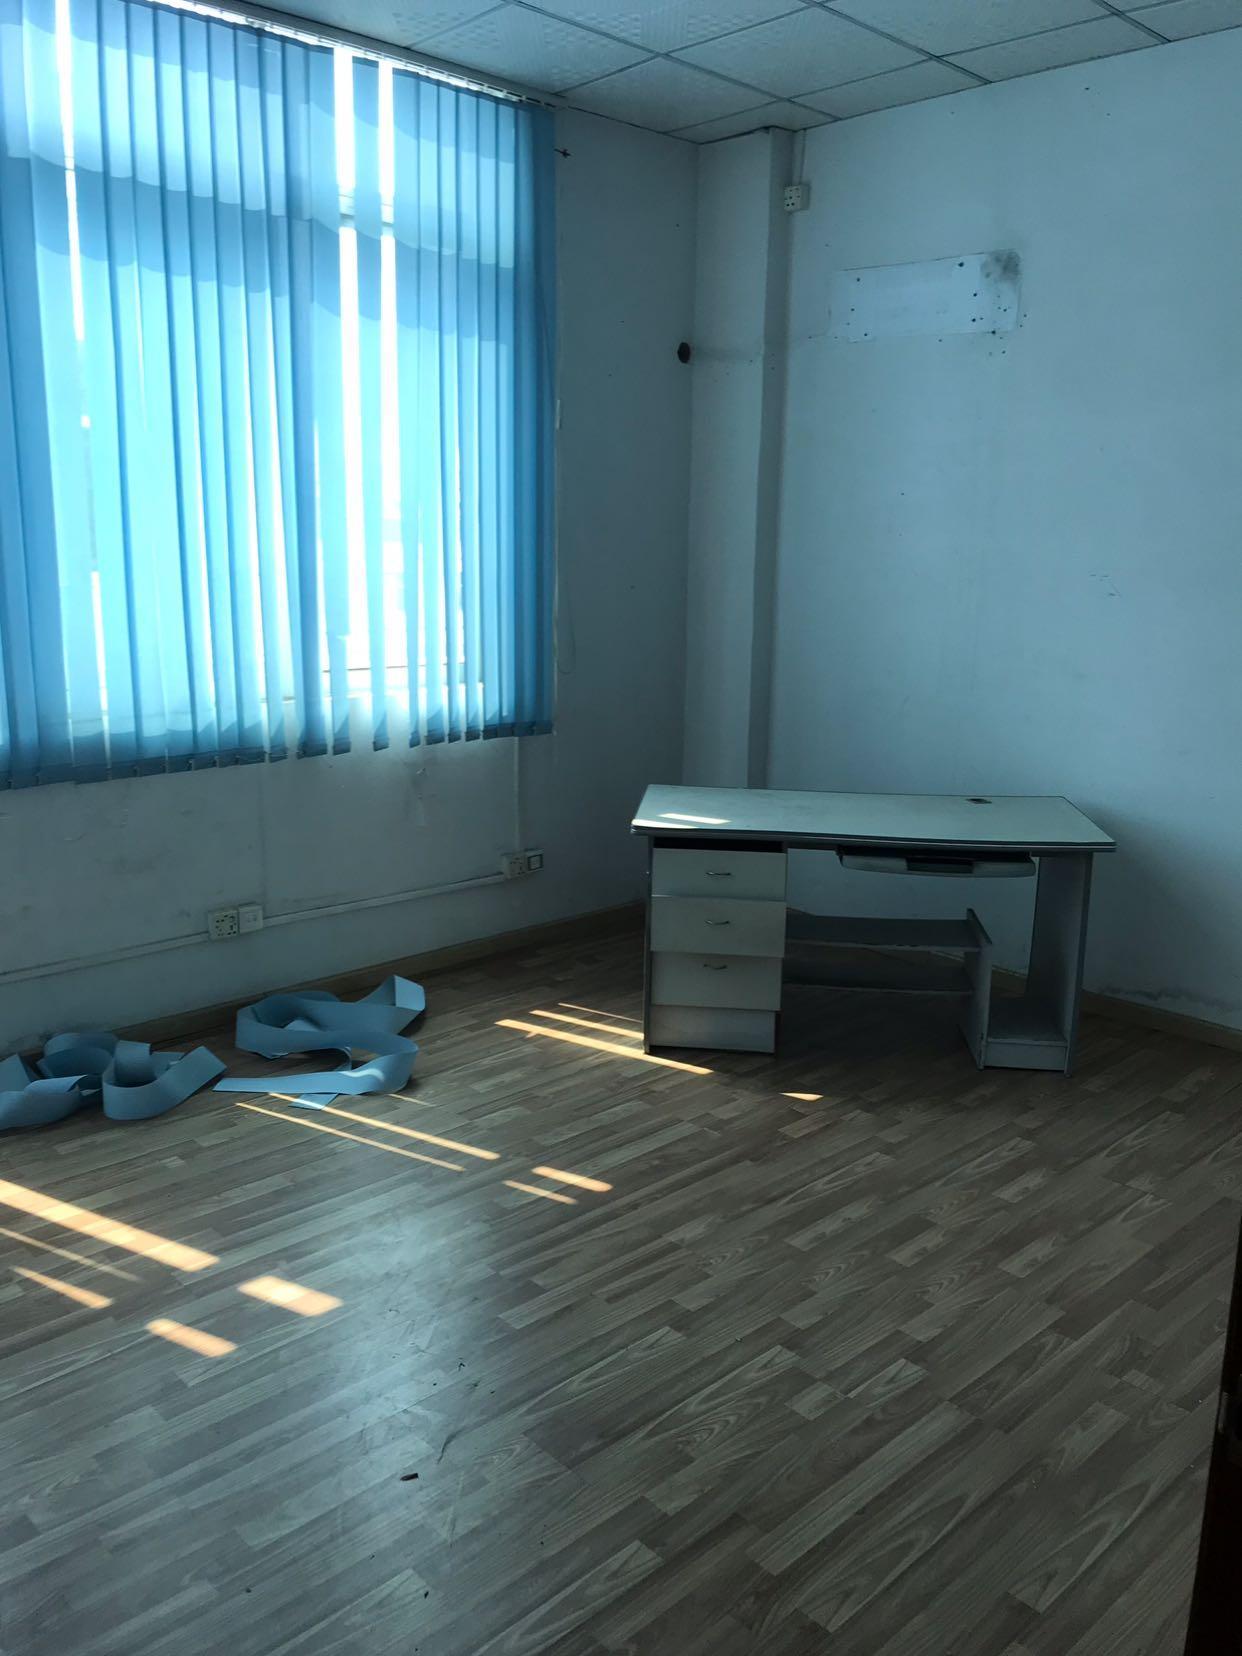 公明楼村松白路边新出1F精装修1000平方,办公室豪华装修